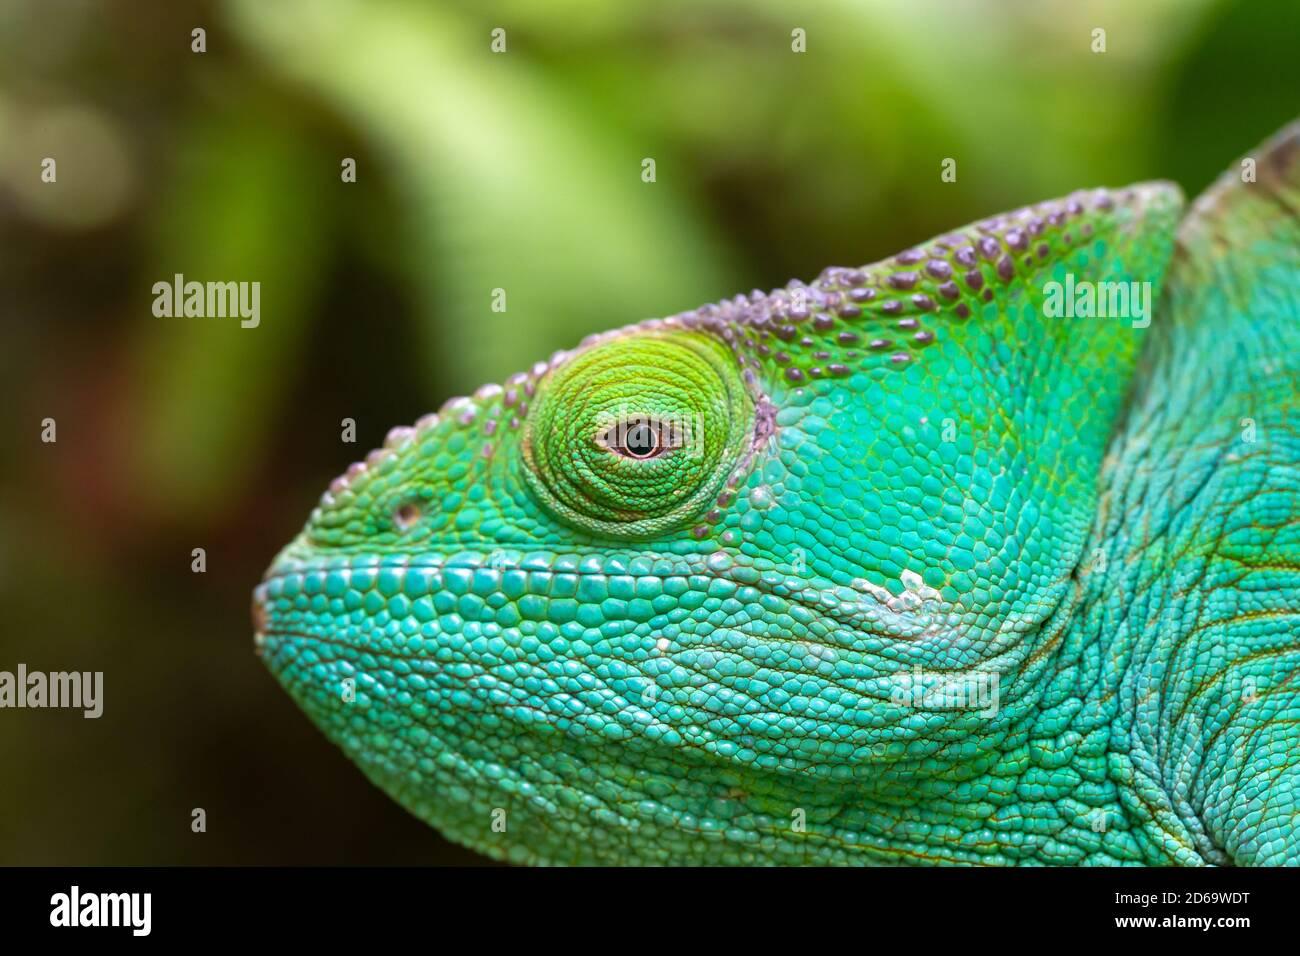 Nahaufnahme, Makroaufnahme eines grünen Chamäleons Stockfoto